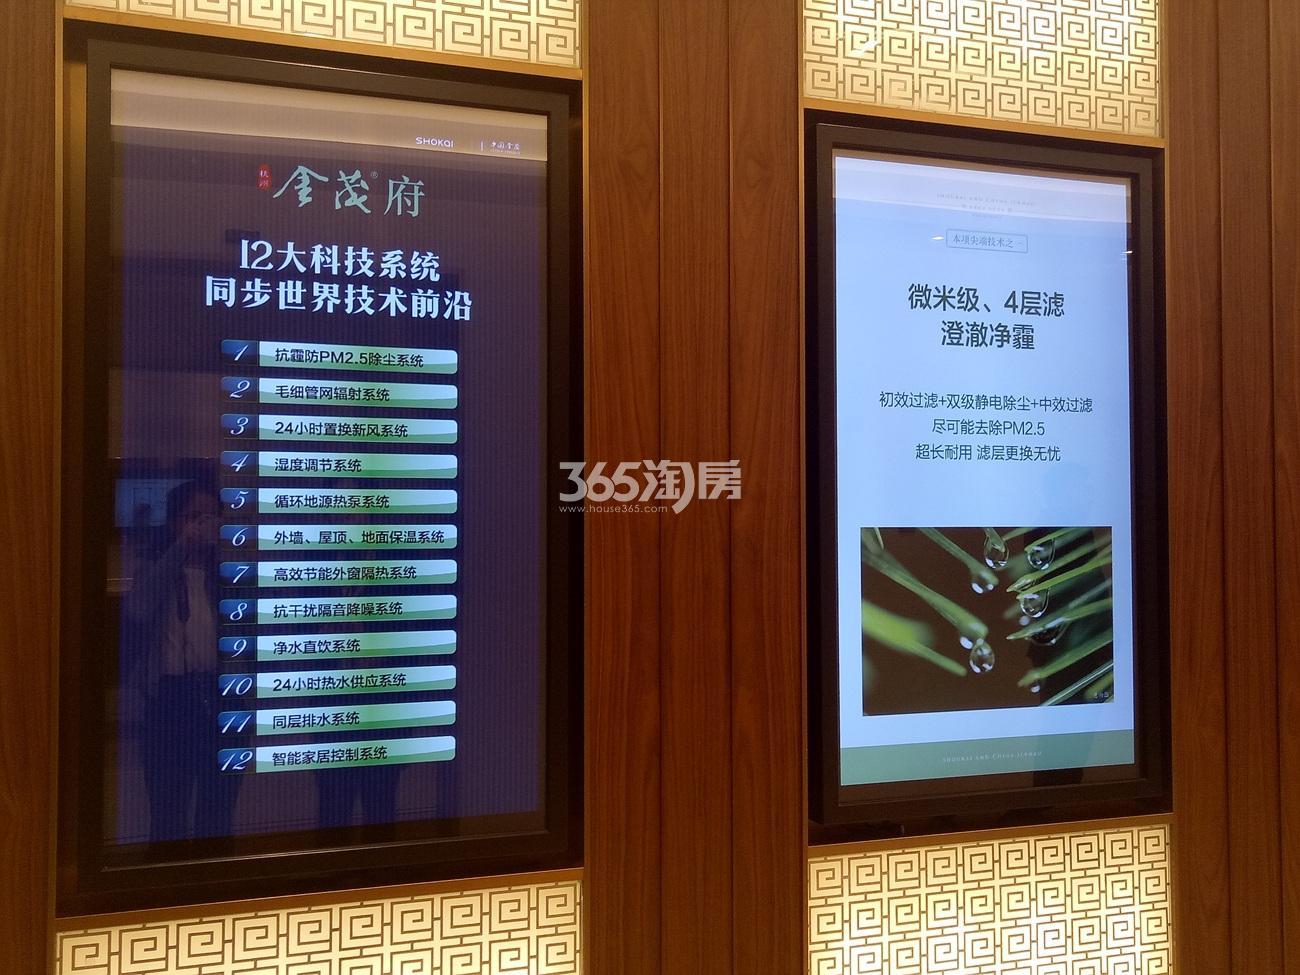 2017.4.15首开杭州金茂府示范区开放之科技系统展示